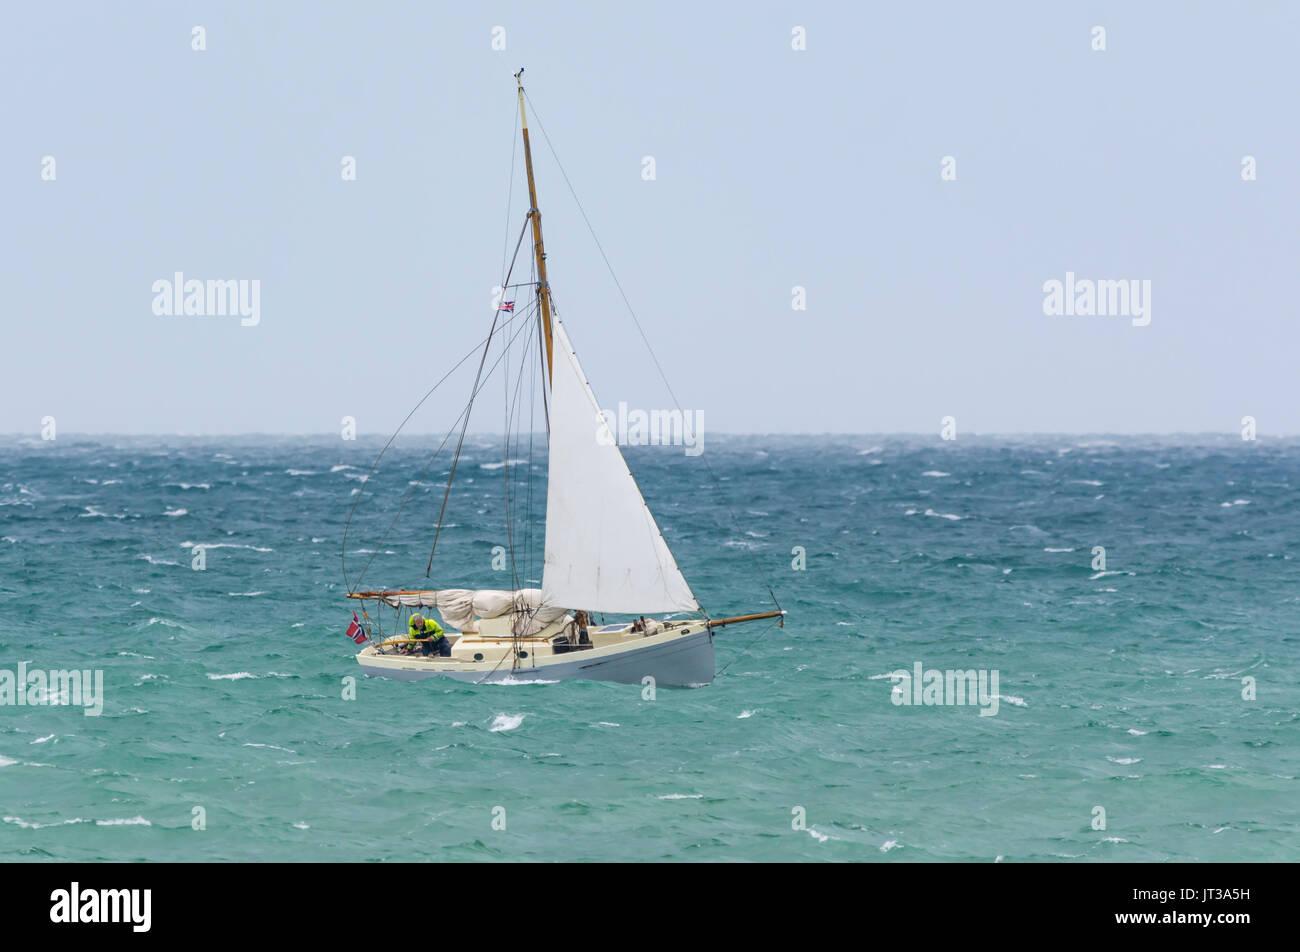 Pequeño barco de vela en el mar embravecido en un día ventoso. Los pequeños yates. Foto de stock